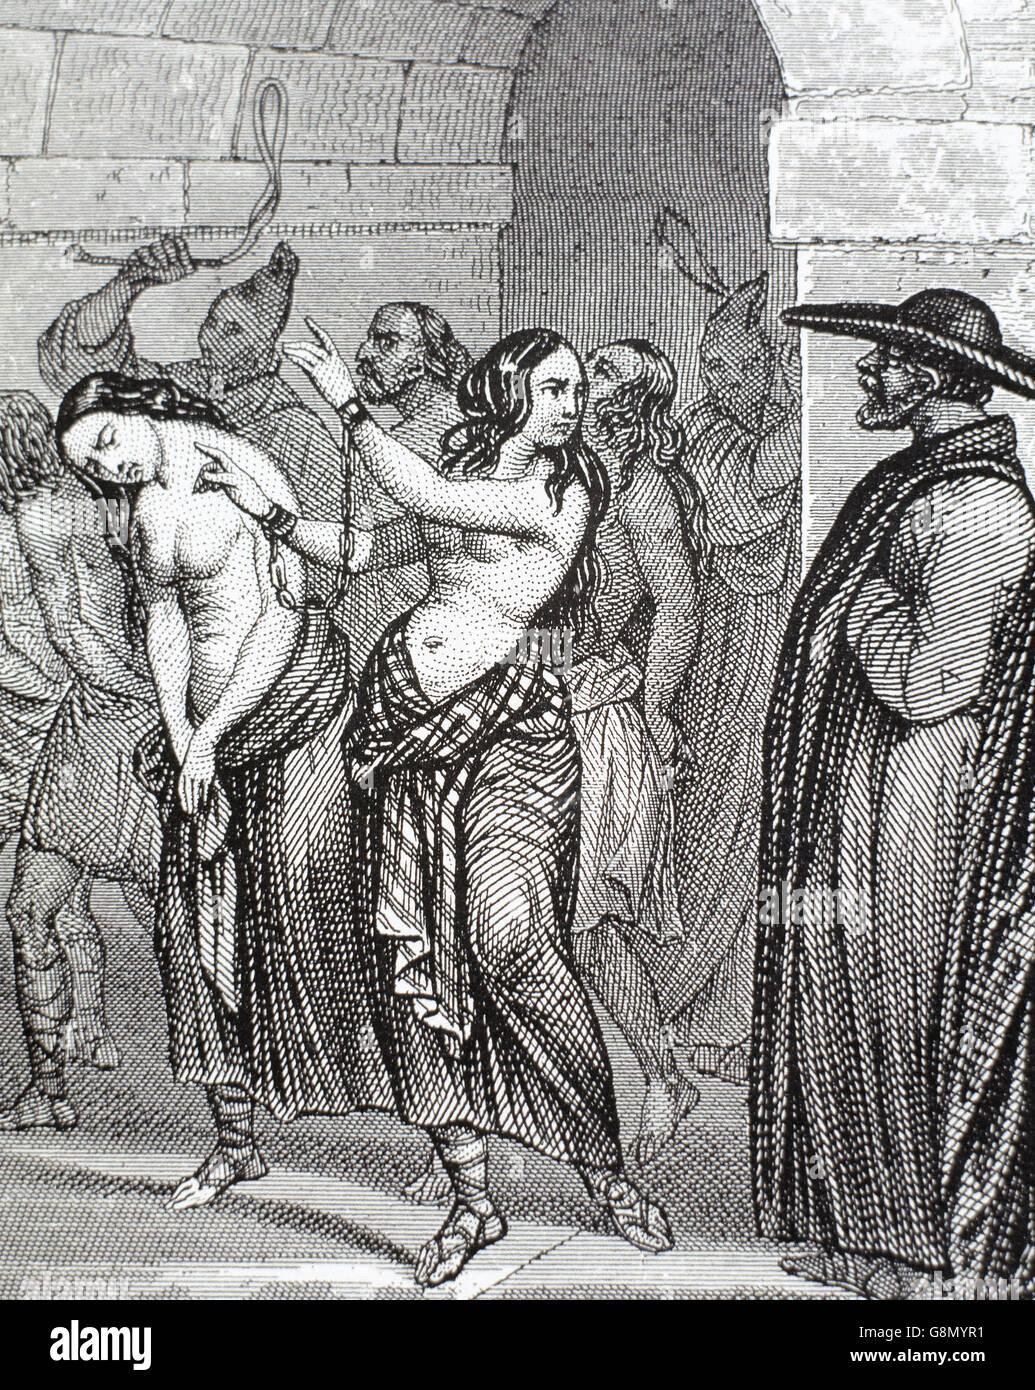 Medioevo. Le donne accusate di stregoneria che conduce al carcere. Incisione del XIX secolo. Immagini Stock